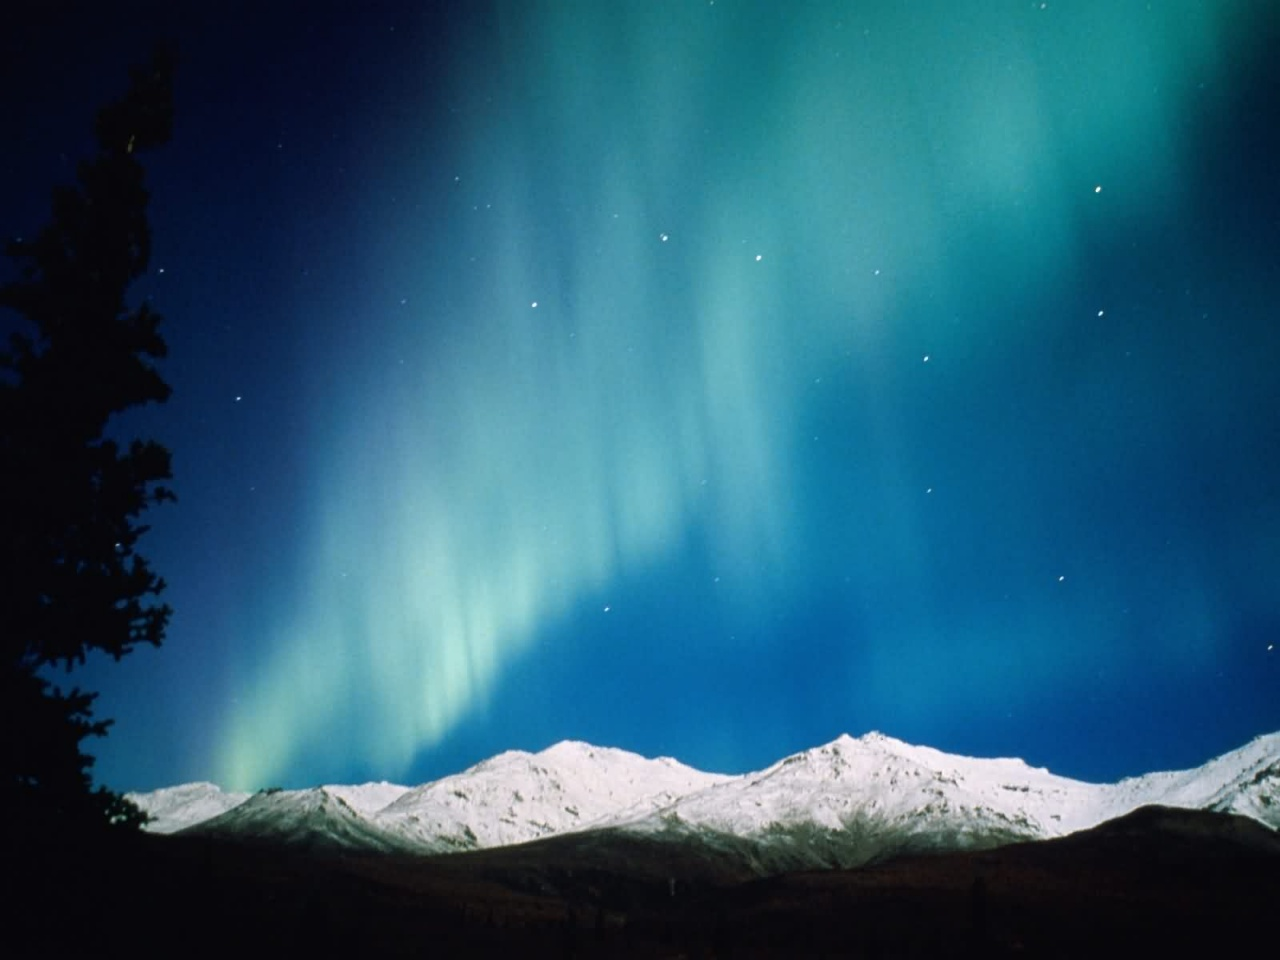 http://3.bp.blogspot.com/-81sBvCd_rQ0/TiTiifAigiI/AAAAAAAACEU/mXyLbTSh4r0/s1600/night-lights-aurora-borealis-alaska-1280x960.jpg